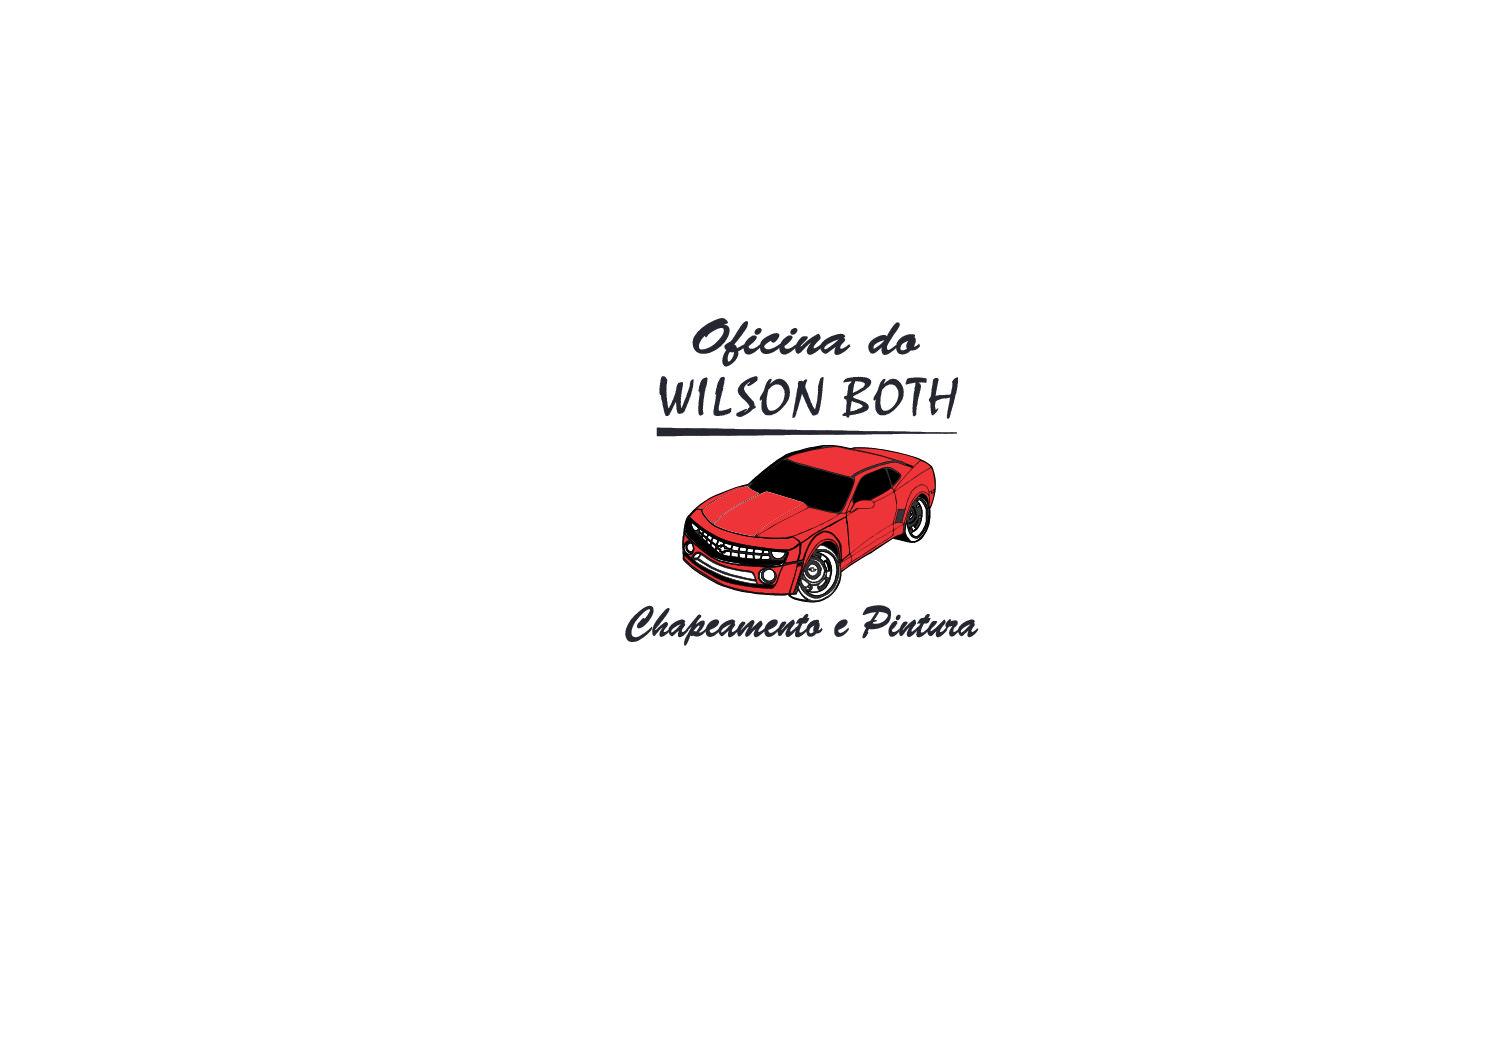 Camisetas com logo serigrafada para Oficina do Wilson Both, da cidade de Ibirubá/RS.